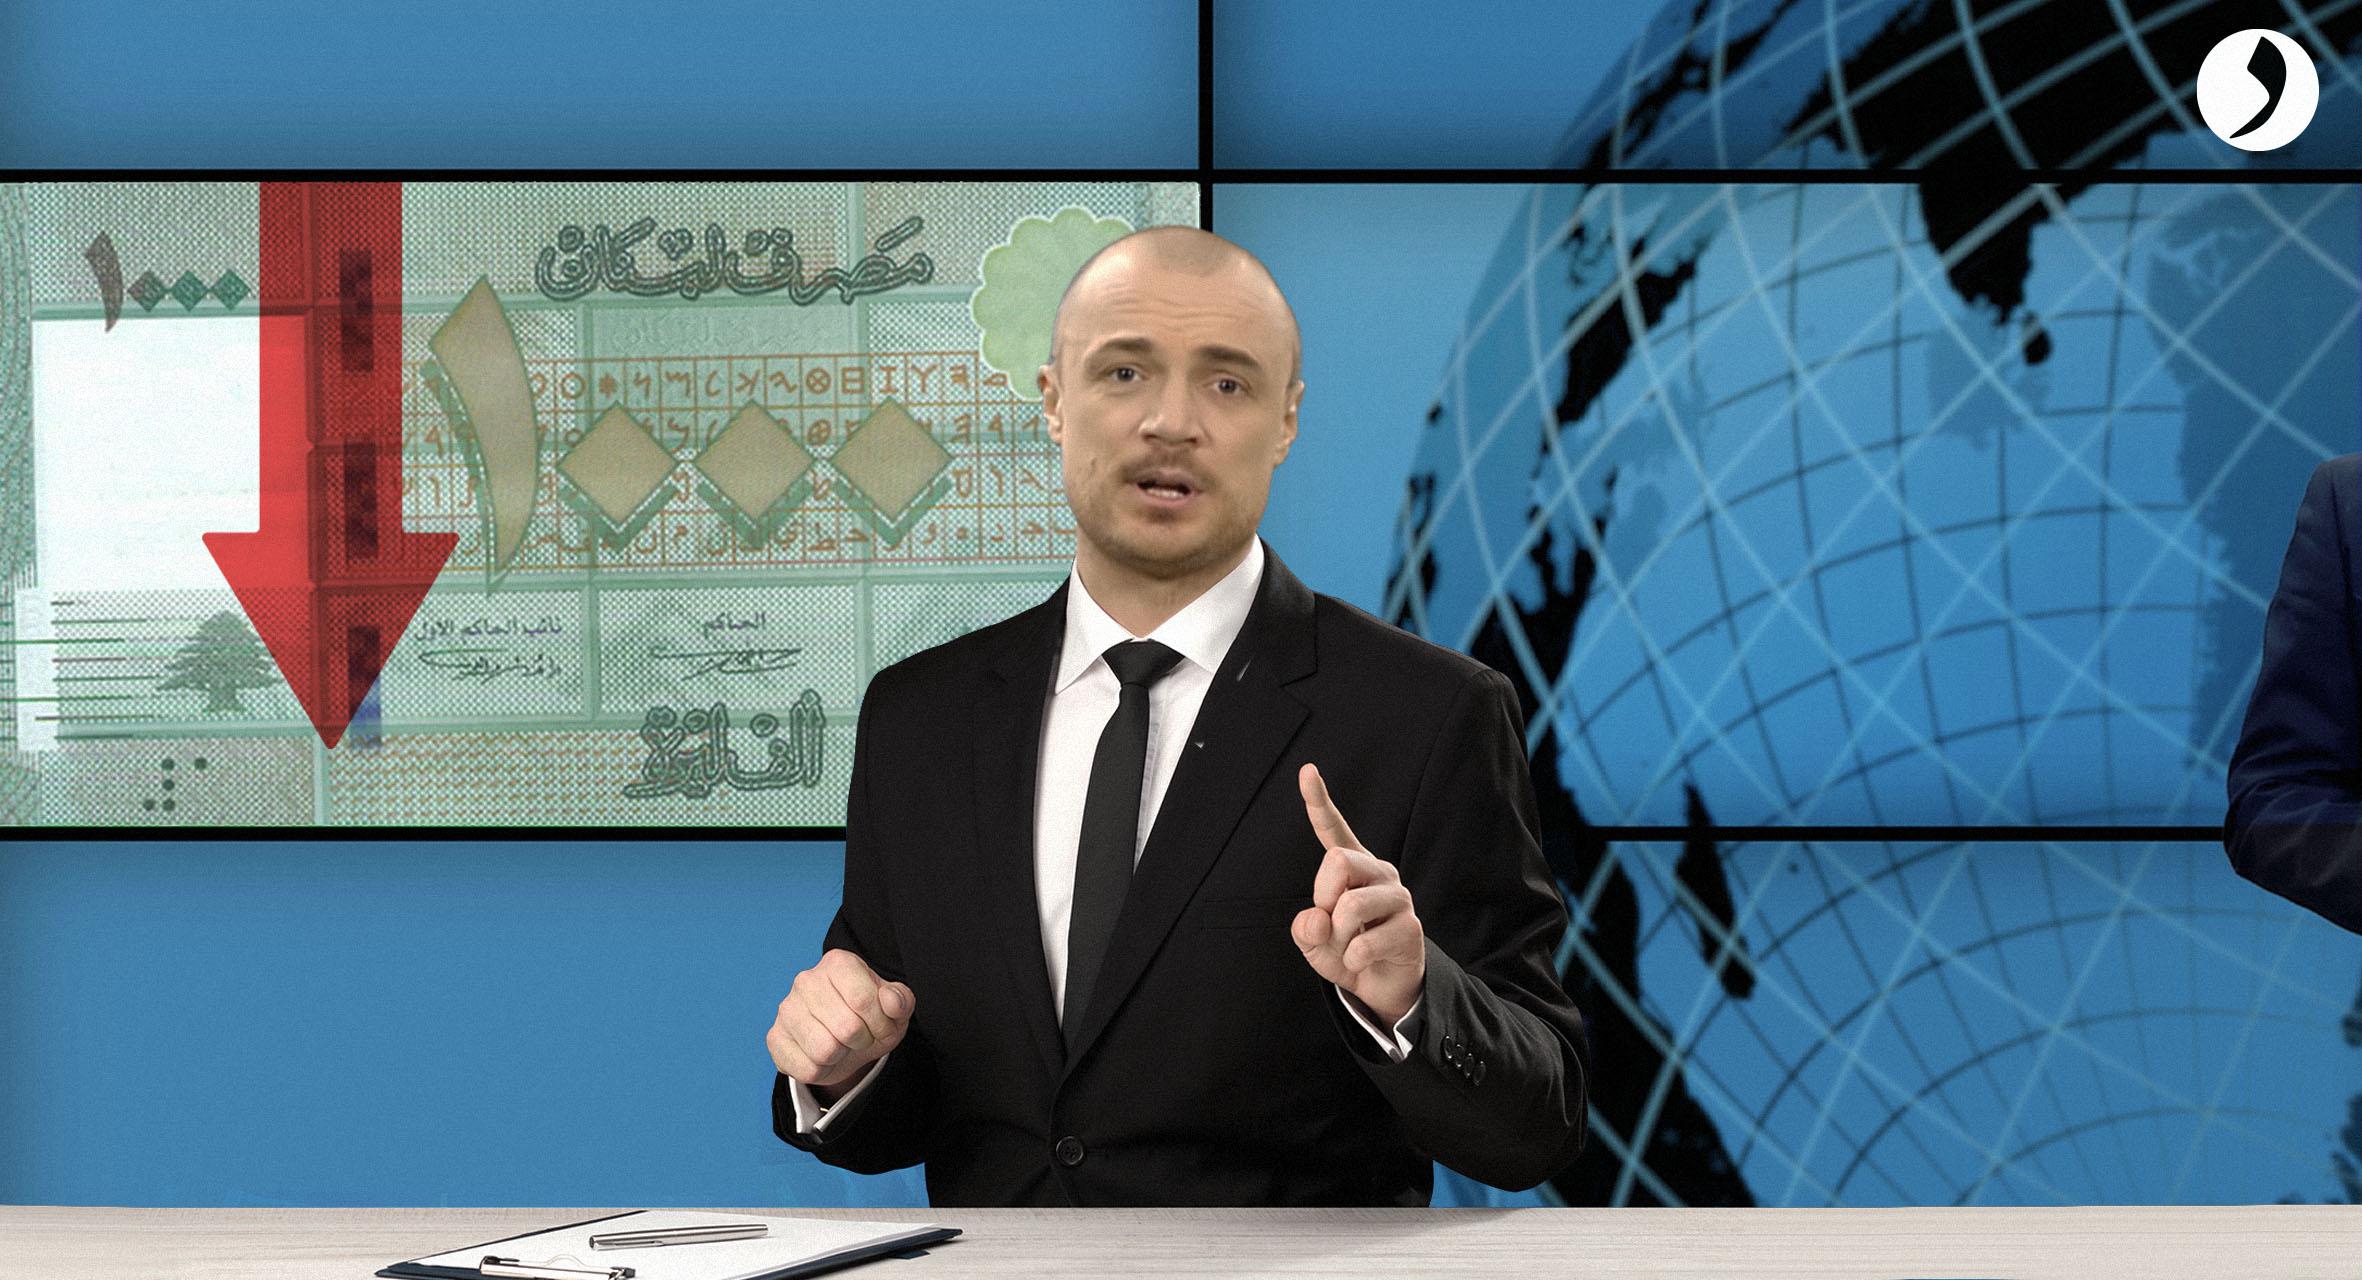 صورة الليرة اللبنانية تهبط إلى ١١٠٠٠ أمام الدولار — لحظة — ١٤٠٠٠ — لا لا ١٨٠٠٠ — لحظة لحظة — ٢٥٠٠٠ — لحـ